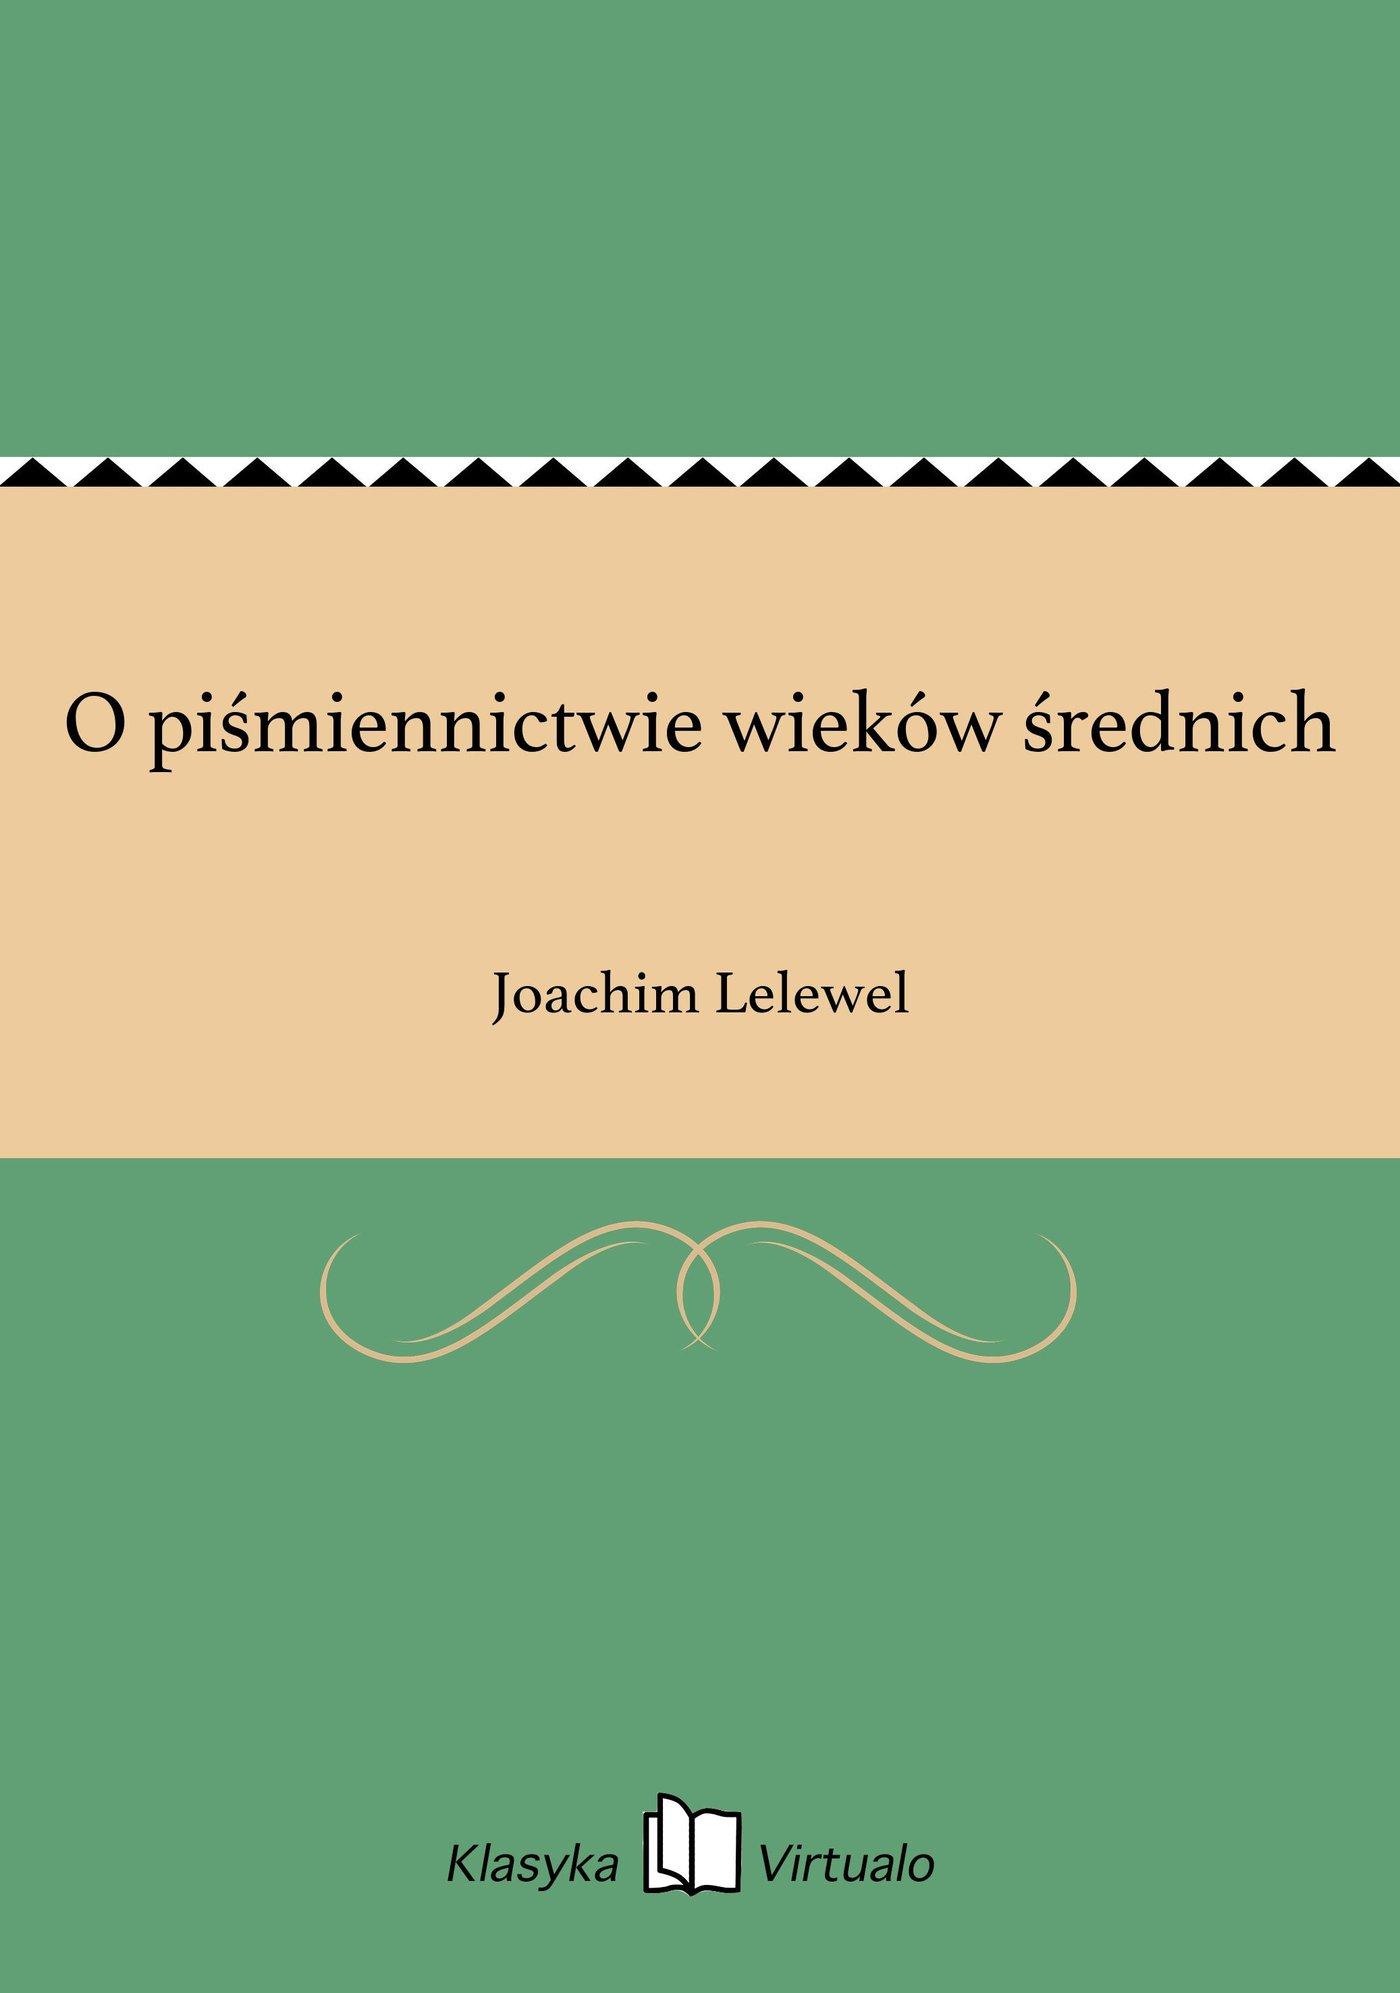 O piśmiennictwie wieków średnich - Ebook (Książka EPUB) do pobrania w formacie EPUB